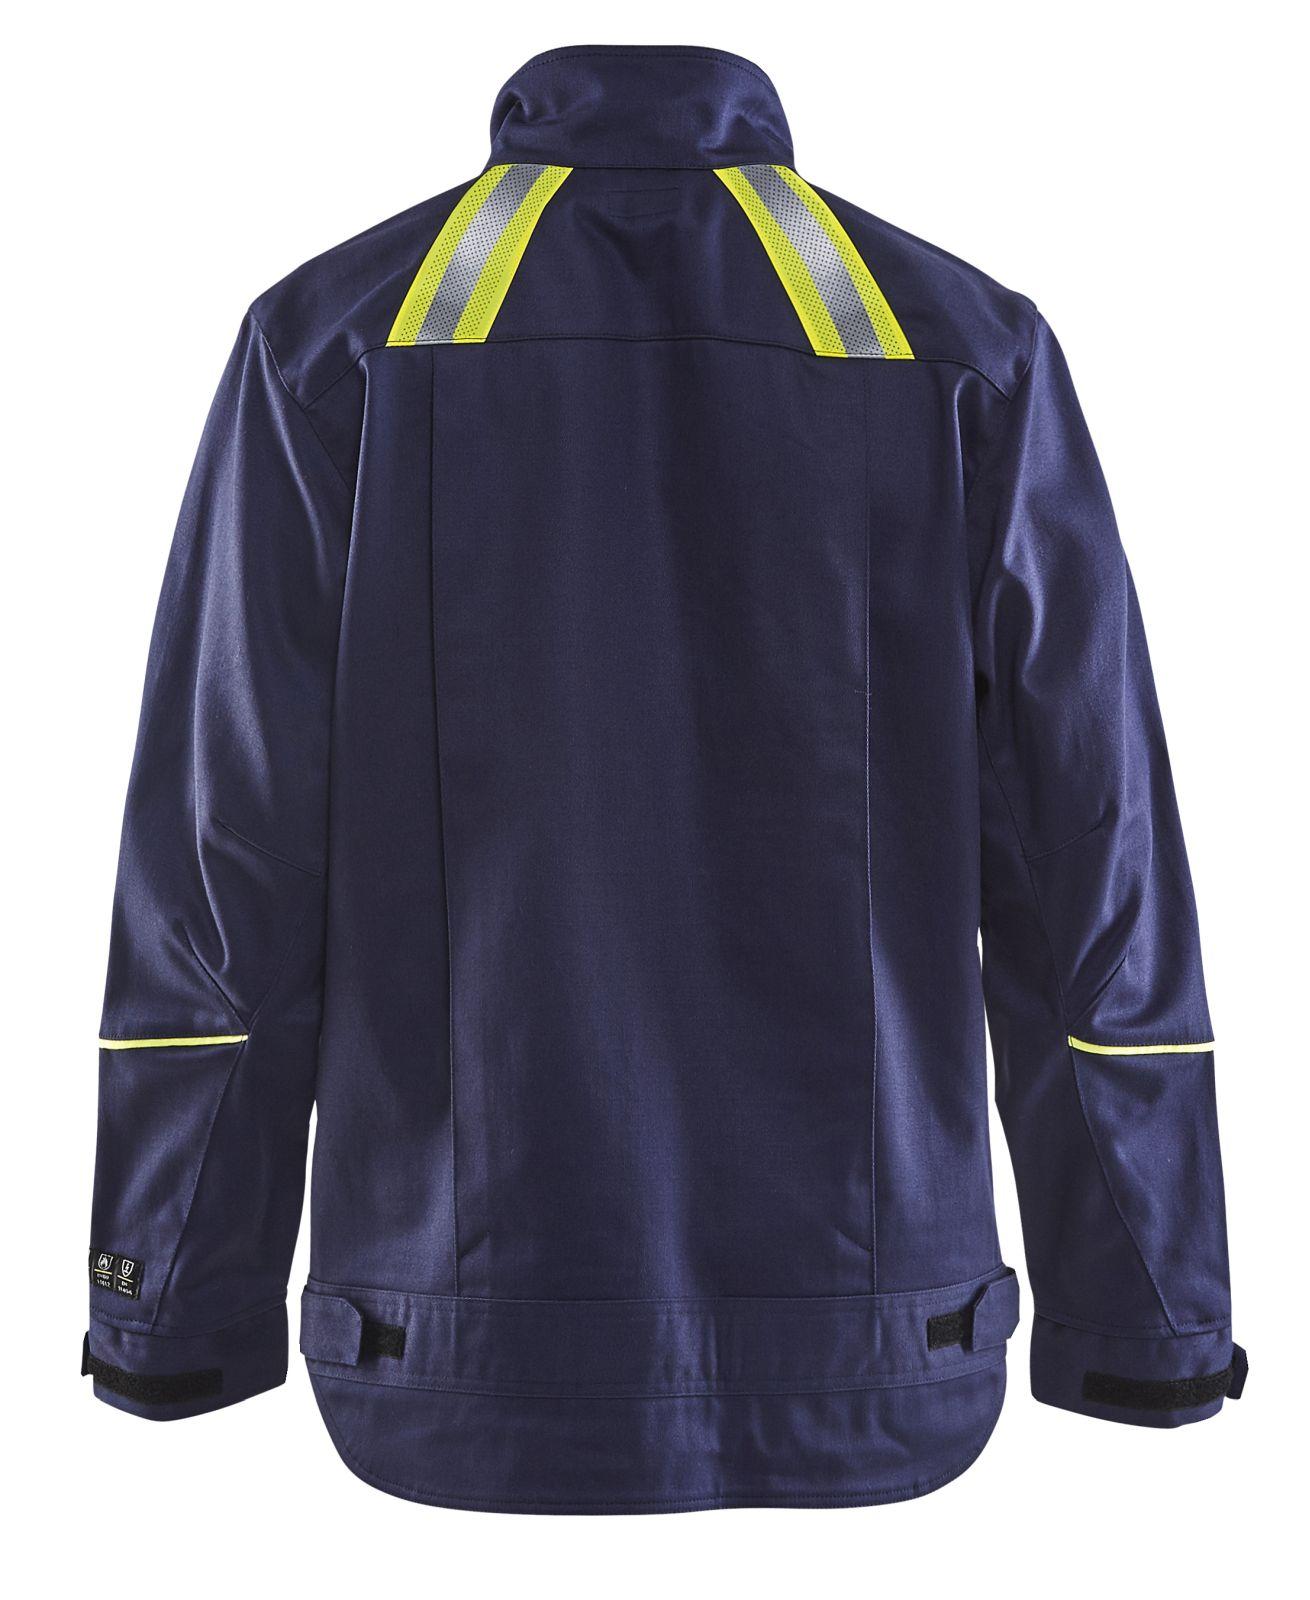 Blaklader Jassen 48011501 Vlamvertragend marineblauw-geel(8933)